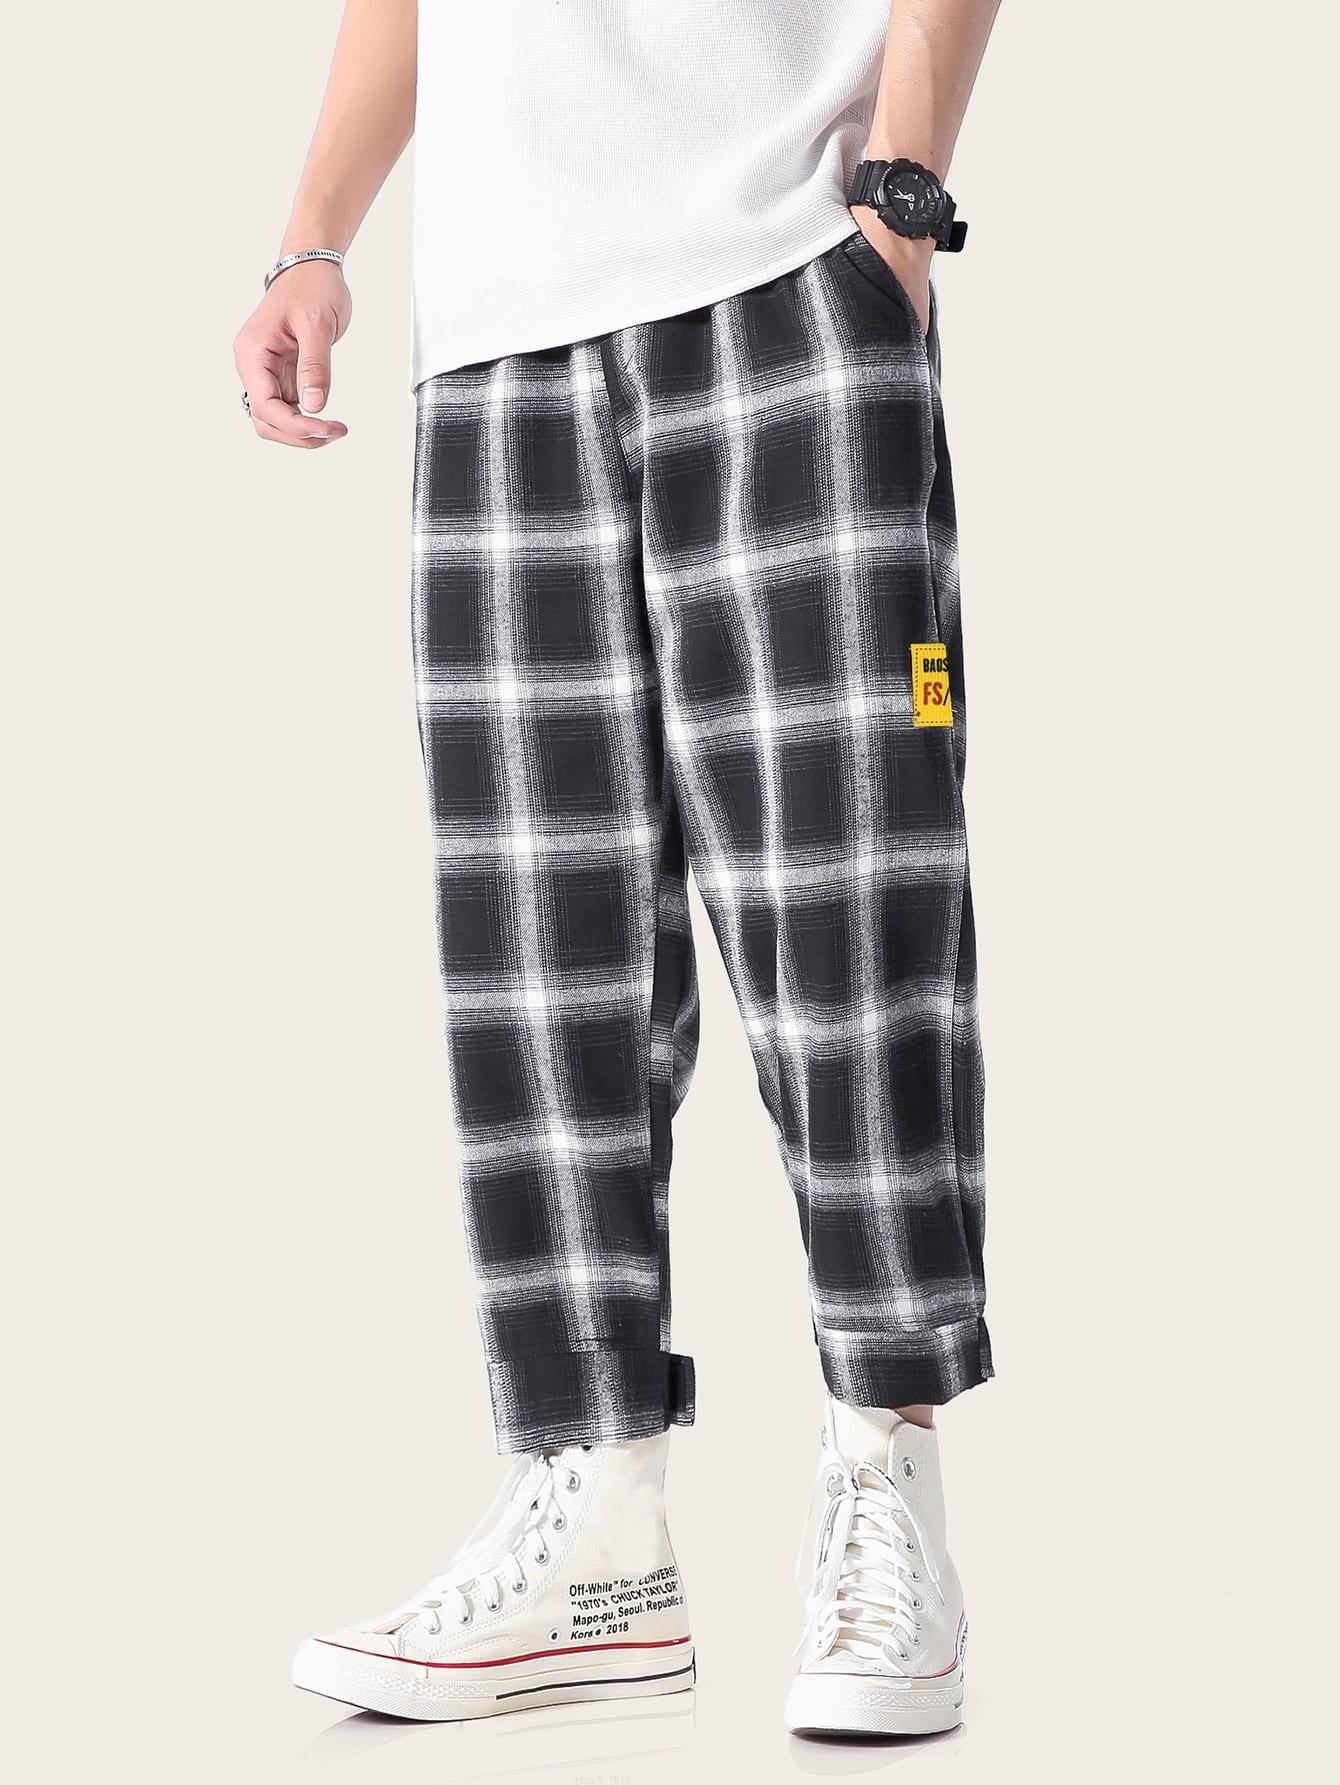 Фото - Мужские брюки в клетку с карманом от SheIn цвет чёрнобелые